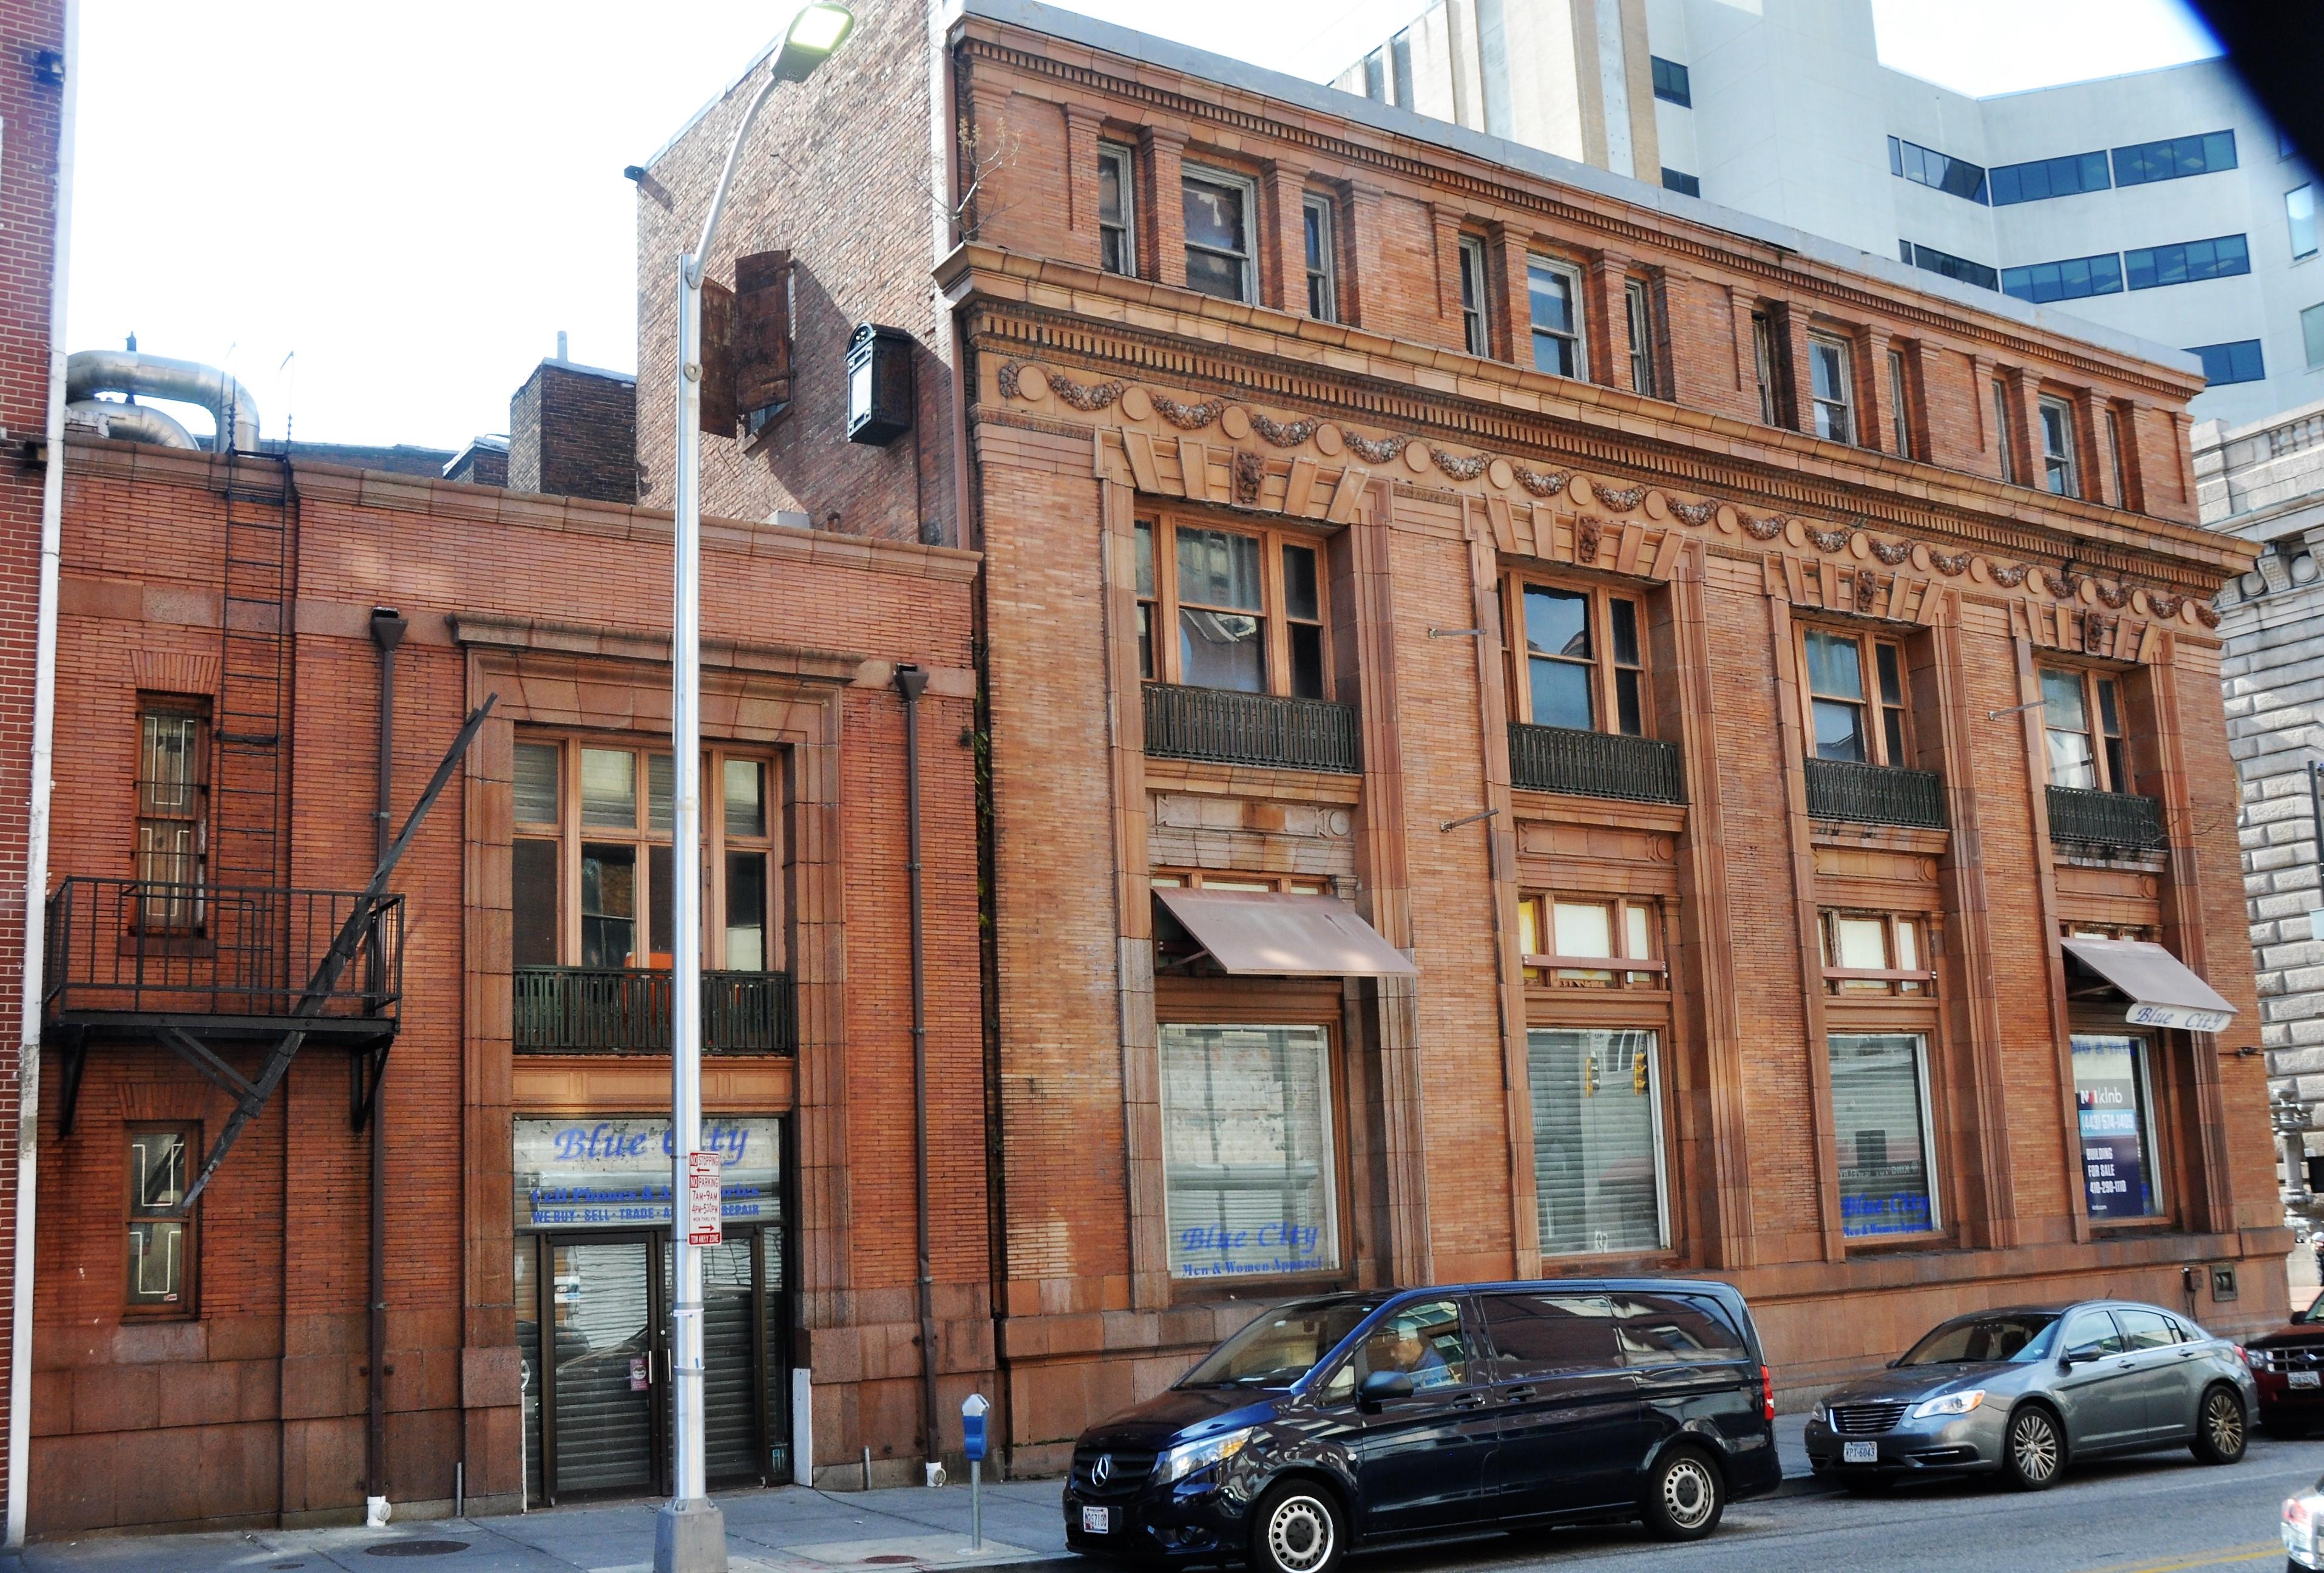 233 N. Howard Street, Baltimore - 5